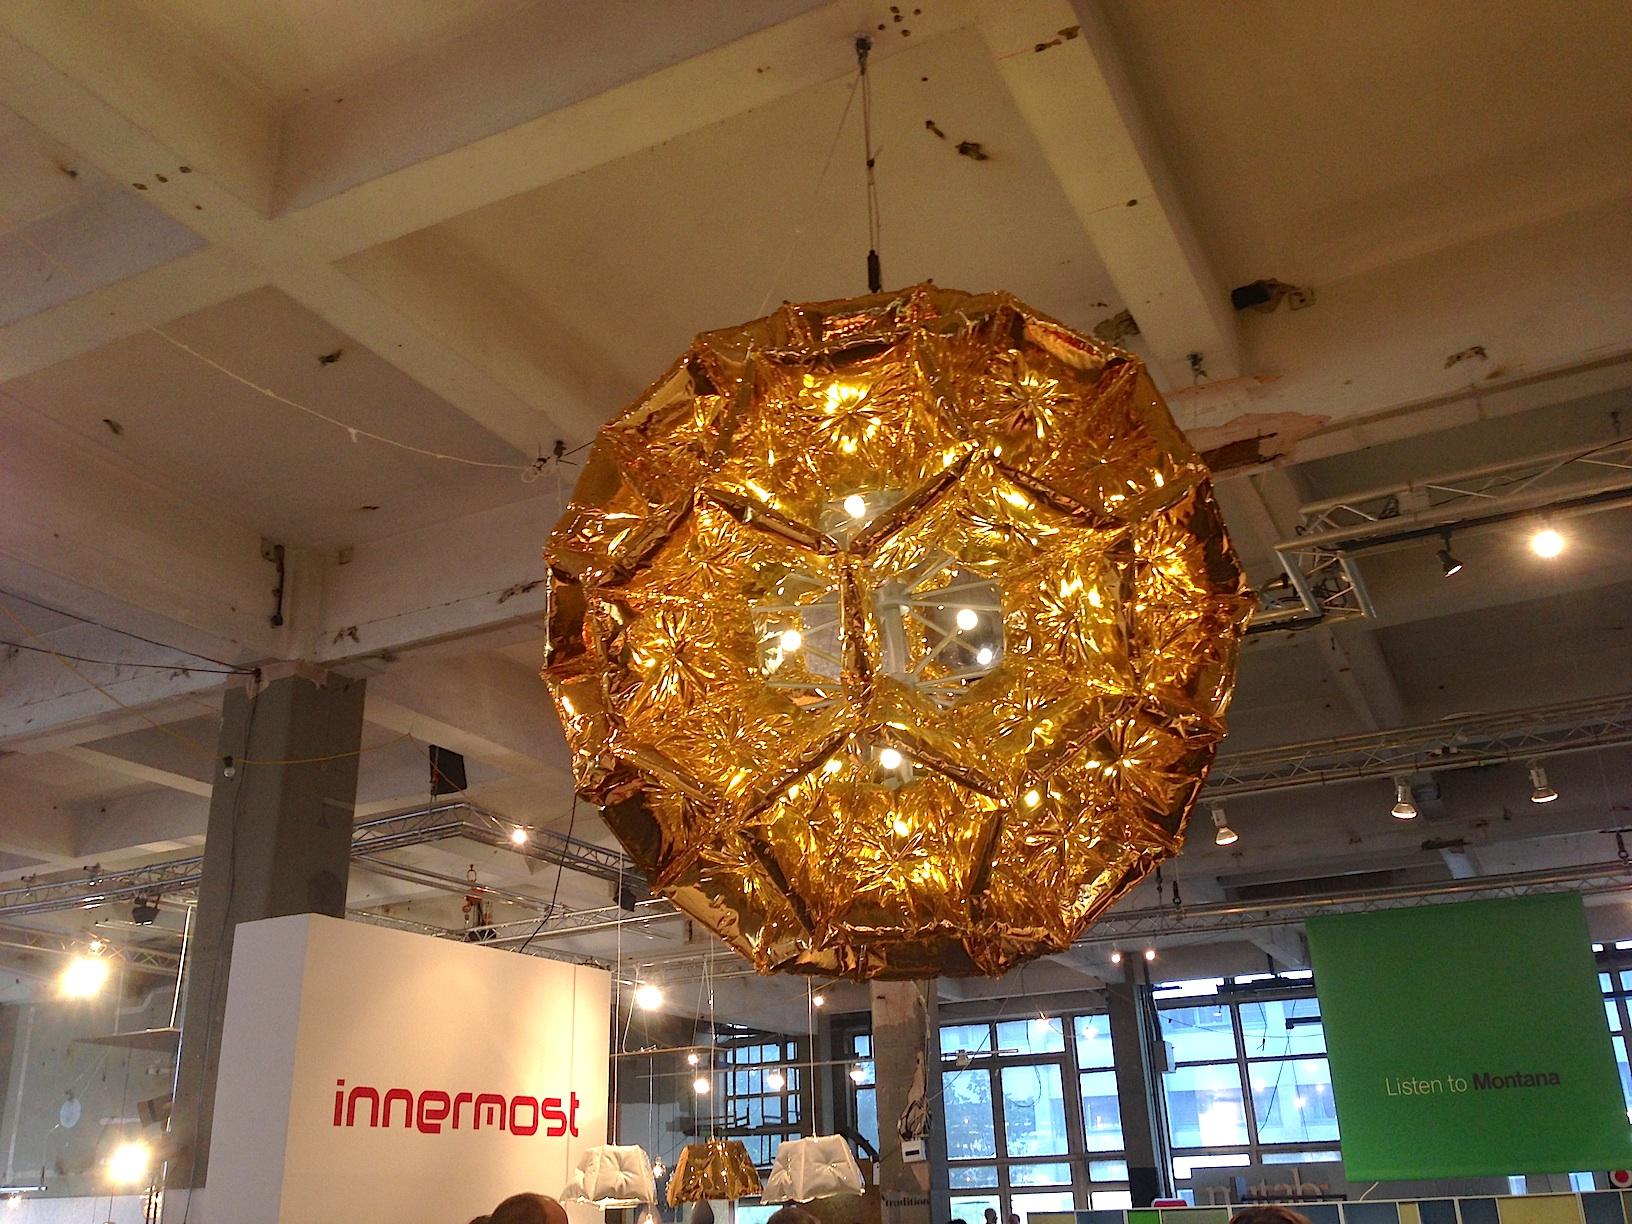 Design Junction London 2013 - innermost